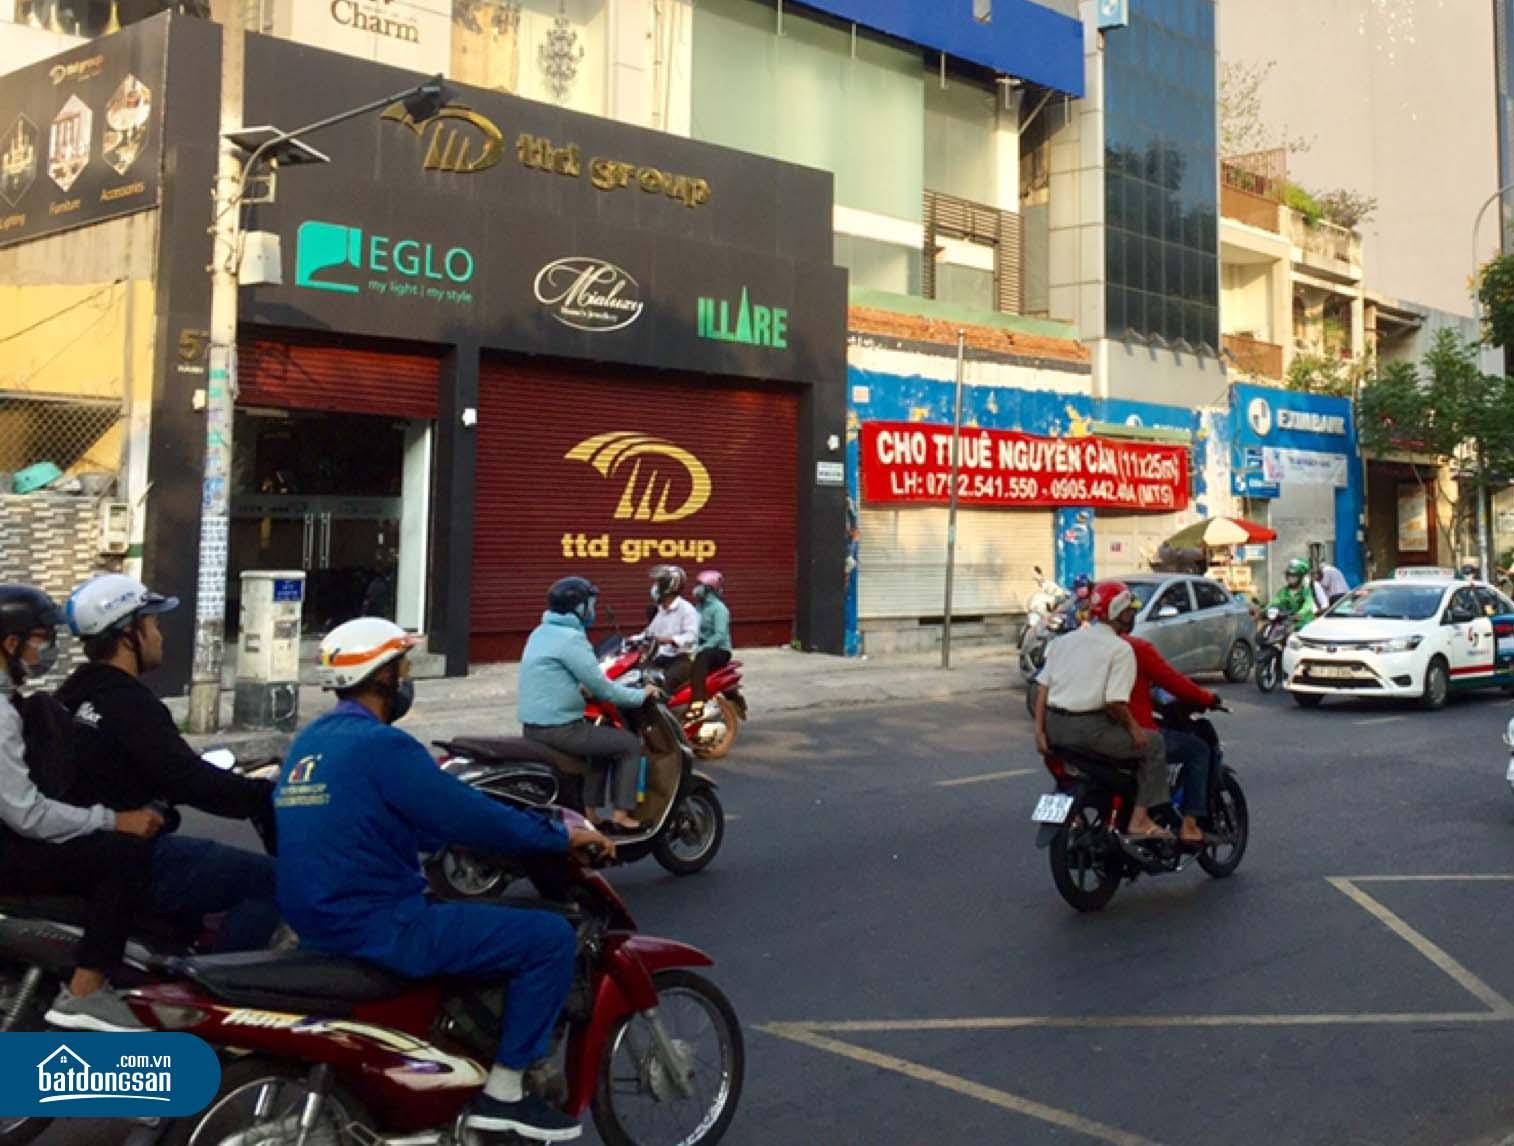 Bảng chào thuê mặt bằng kinh doanh nhà phố cạnh một con đường nhiều xe cộ đi lại.